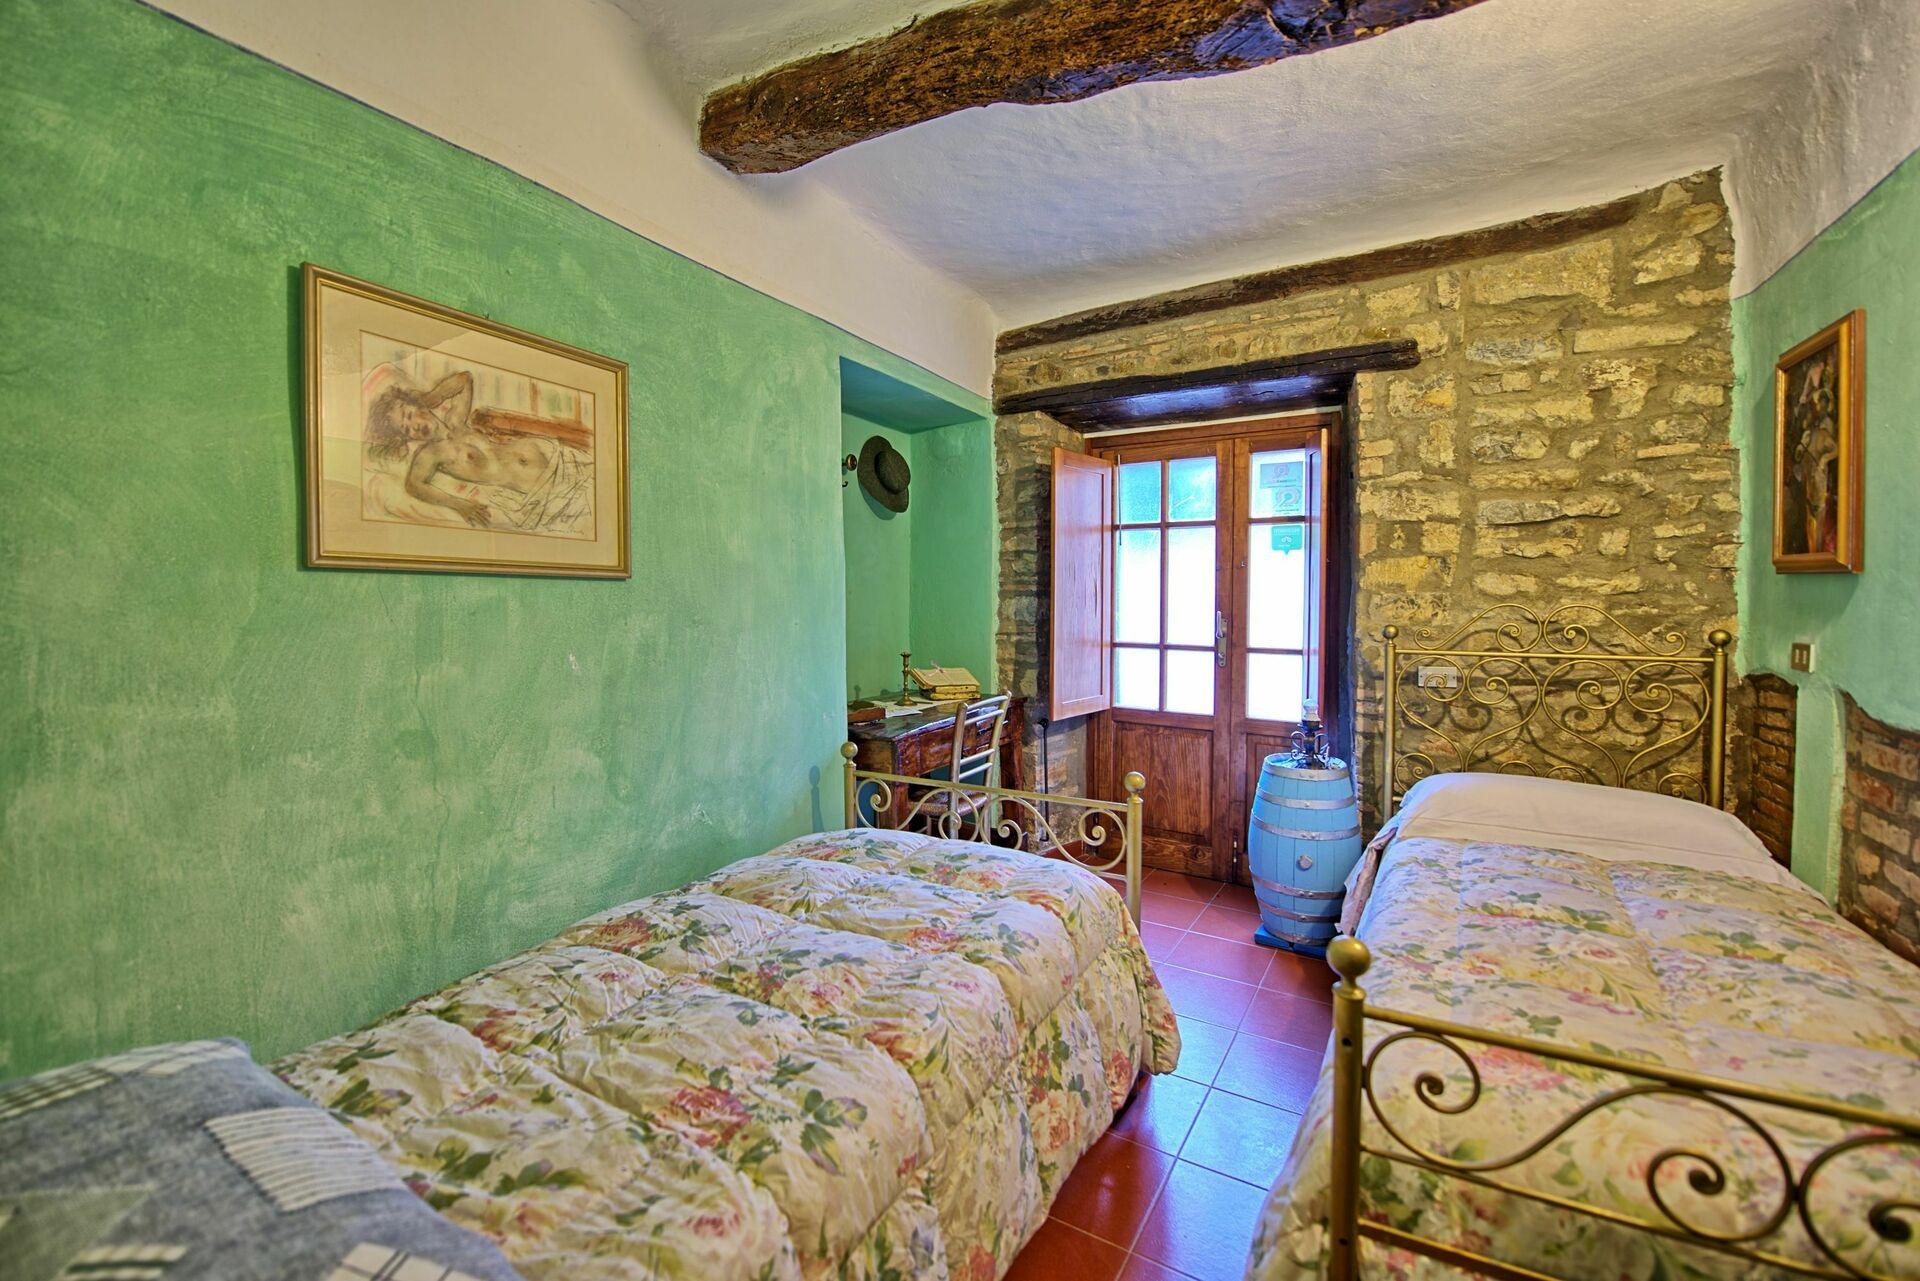 Villa Duddova, Villa vacanza a Duddova, Toscana - 16 letti in 6 ...